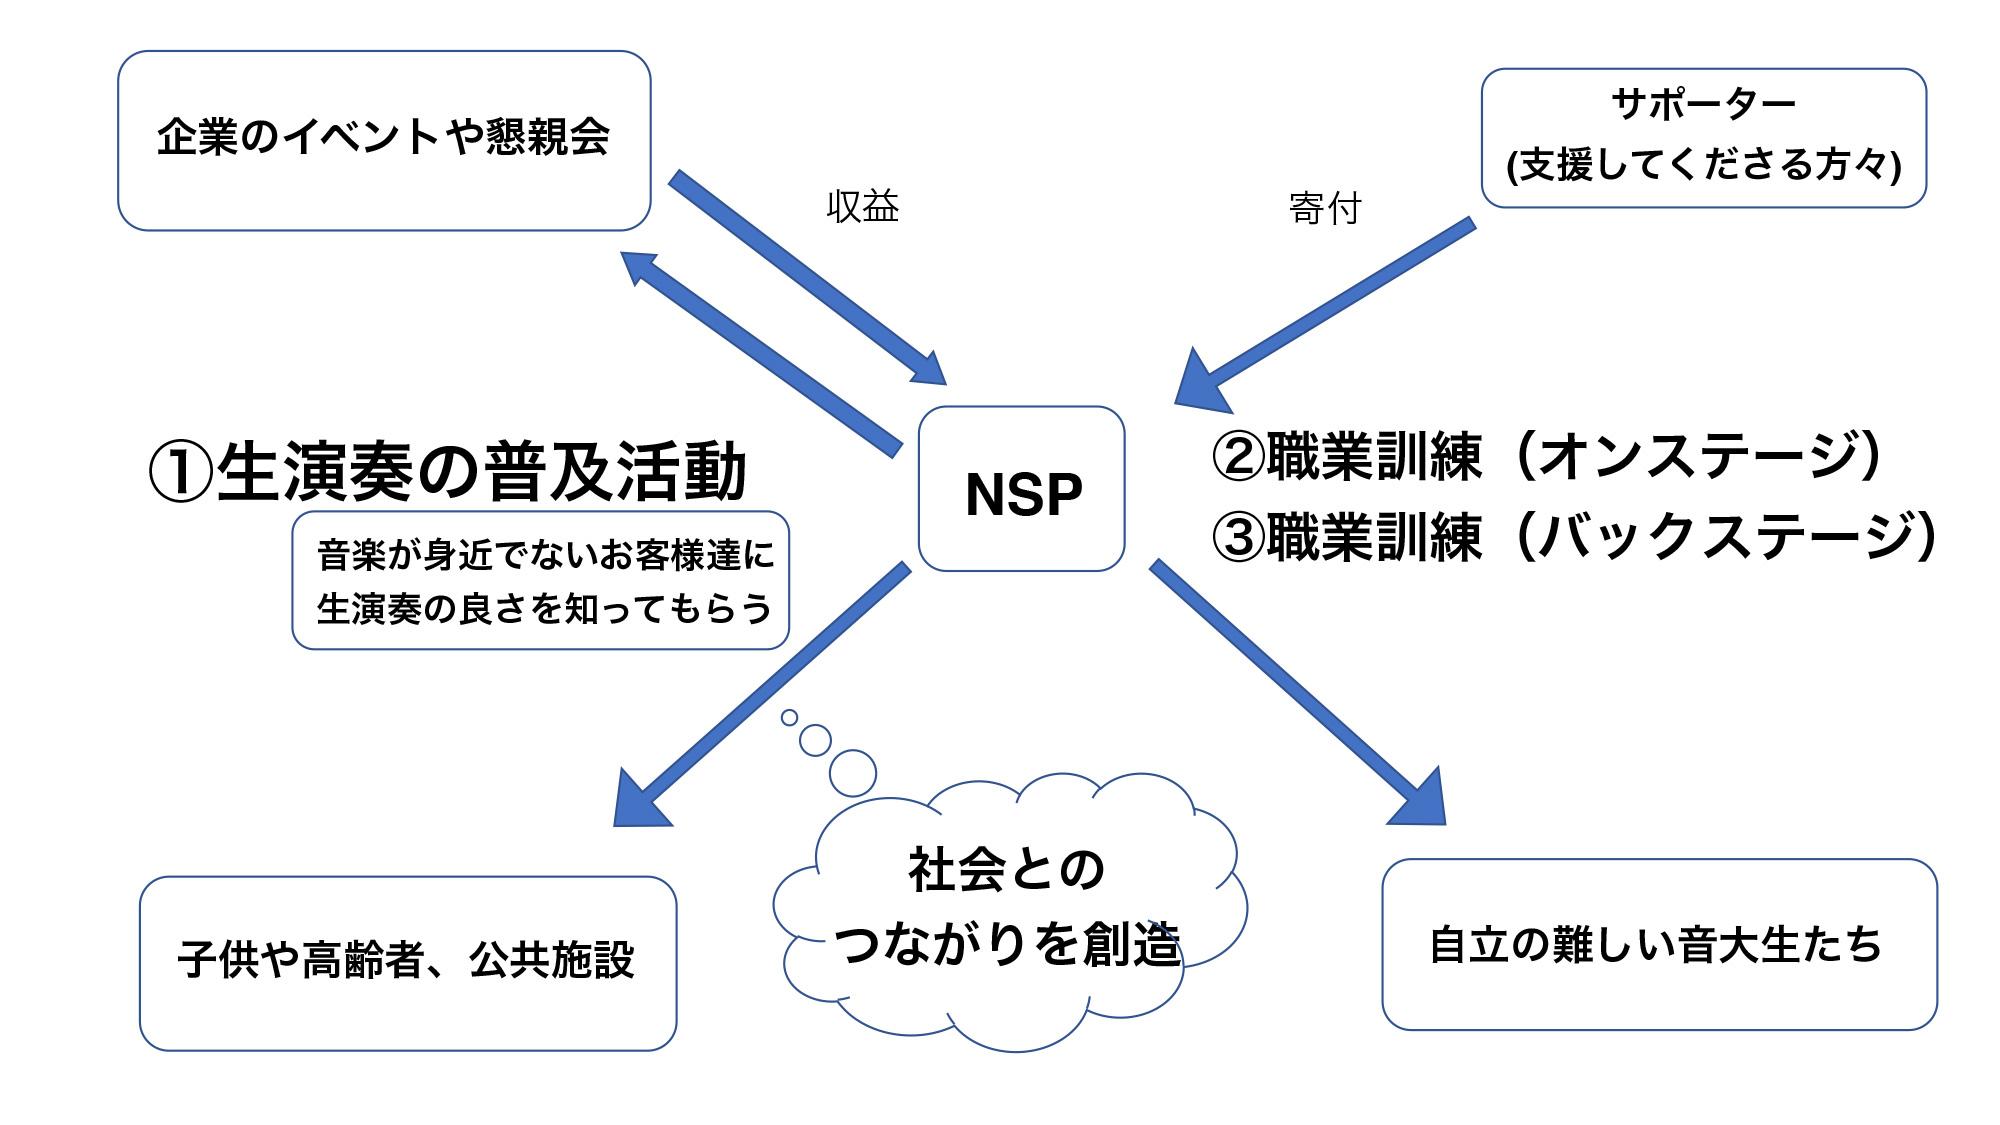 NSPの取り組み説明図